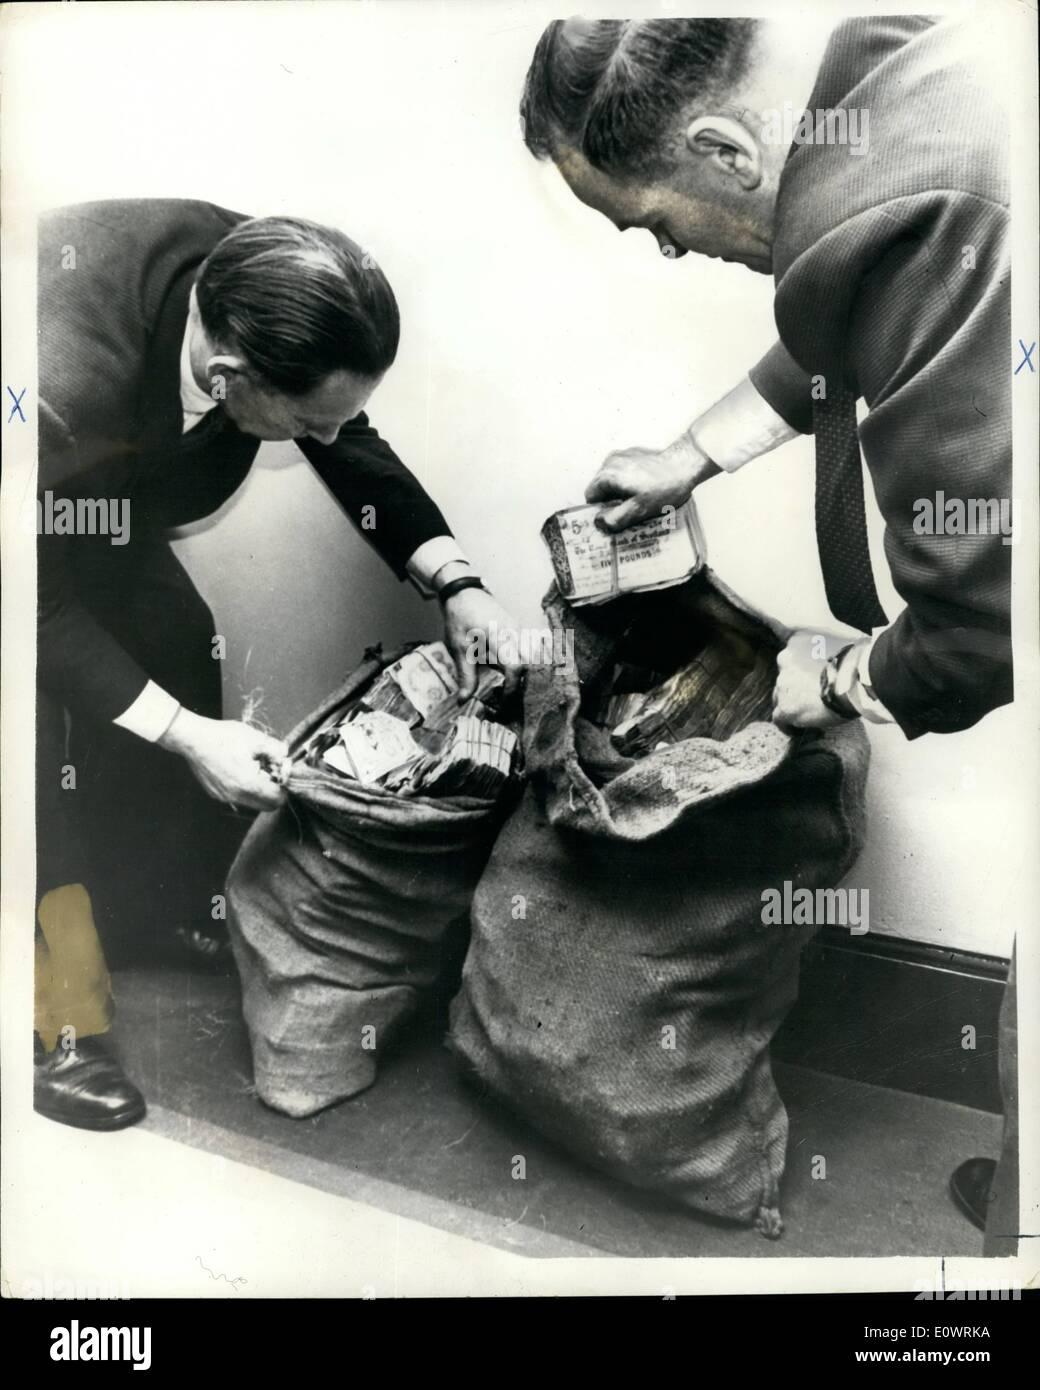 Le 12 décembre 1963 - Vol de Train de l'argent trouvé à Londres; deux sacs de pommes de terre sale contenant environ ~50 000 à ~5 ~1 notes et volés dans le Great Train Robbery en août dernier, ont été trouvés dans un téléphone dans le sud de Londres après un appel téléphonique de Scotland Yard. Photo montre deux détectives contrôler l'argent Scotland Yard. (De gauche à droite) Dét. Inspecteur en chef Syd Bradbury et Det. L'INAP Frank Williams. Banque D'Images